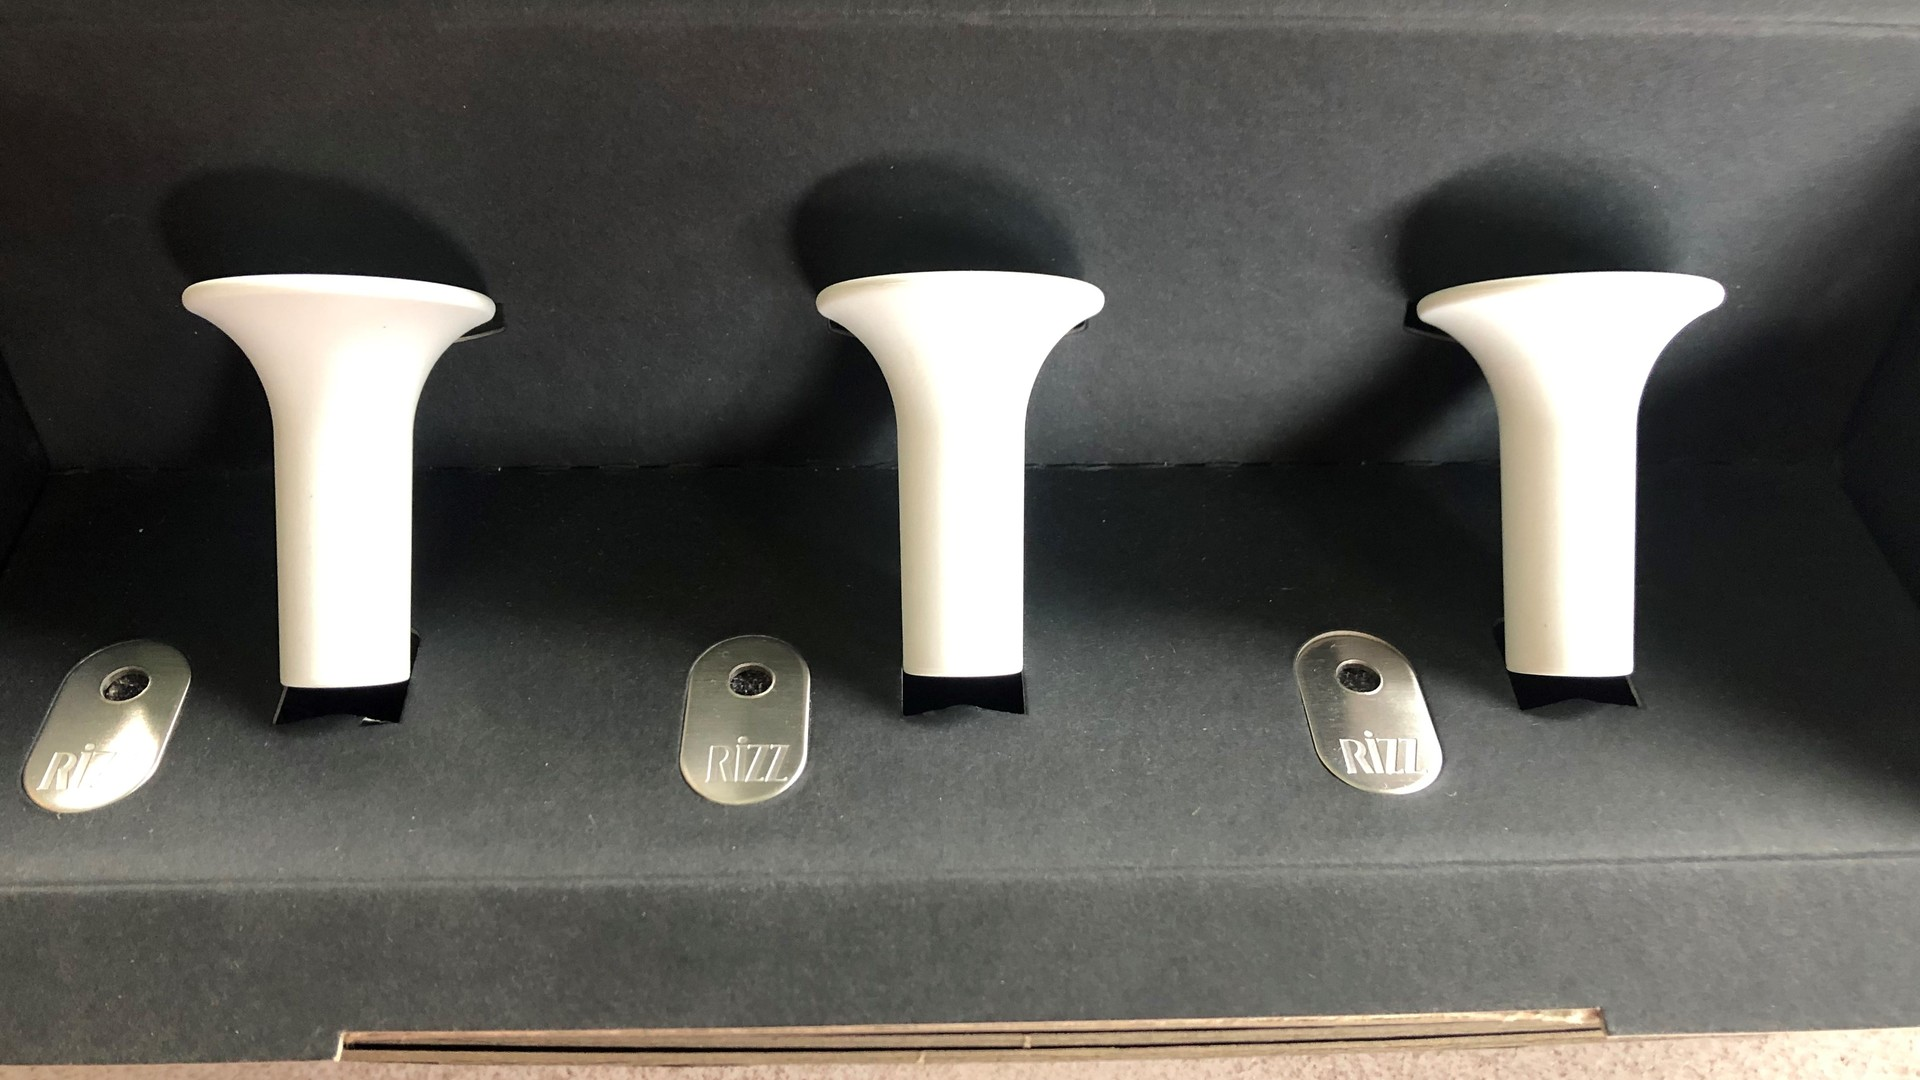 Rizz trumpets.jpg